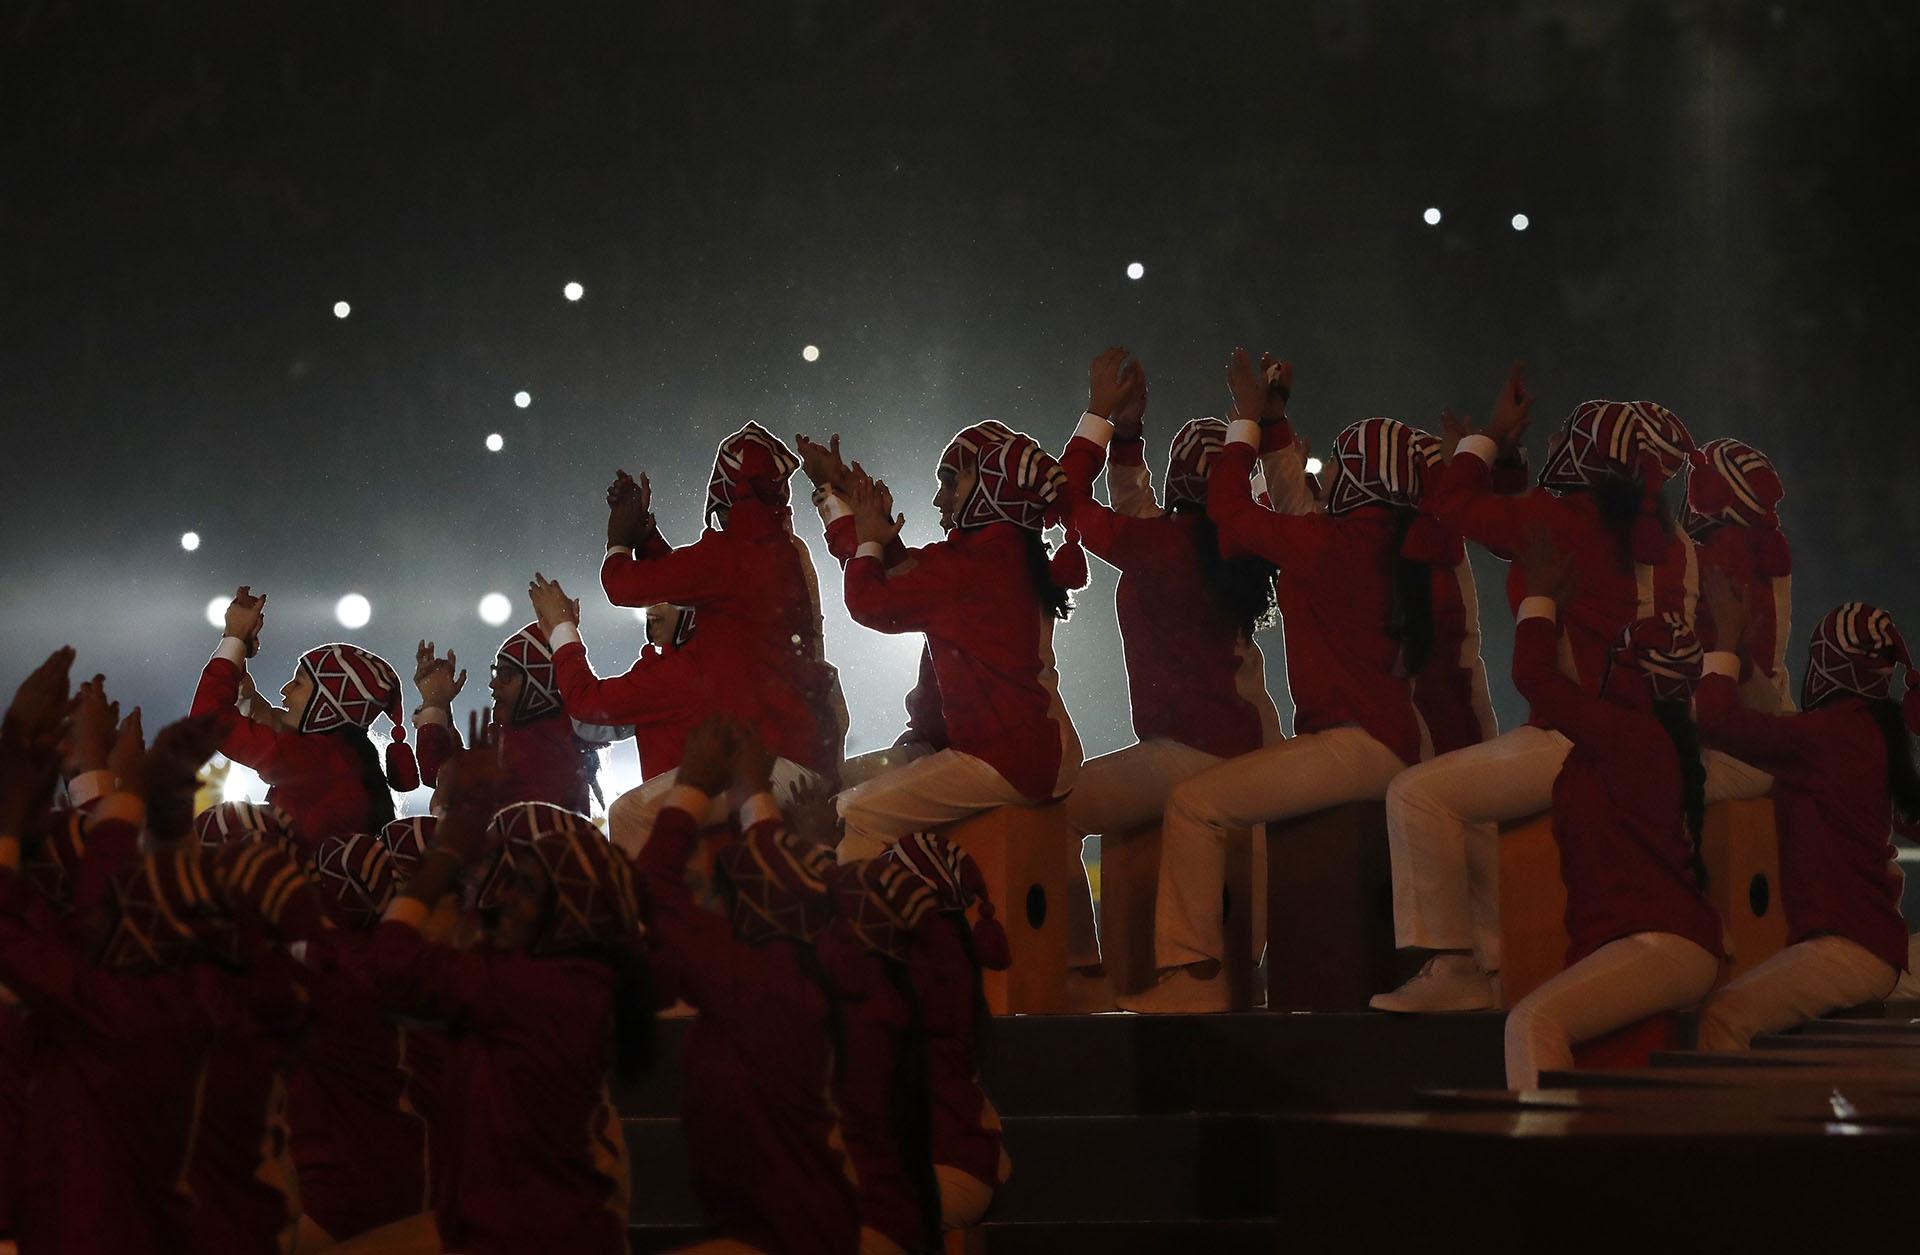 La cultura incaia fue el centro del relato de la apertura de los Juegos Panamericanos(REUTERS/Henry Romero)